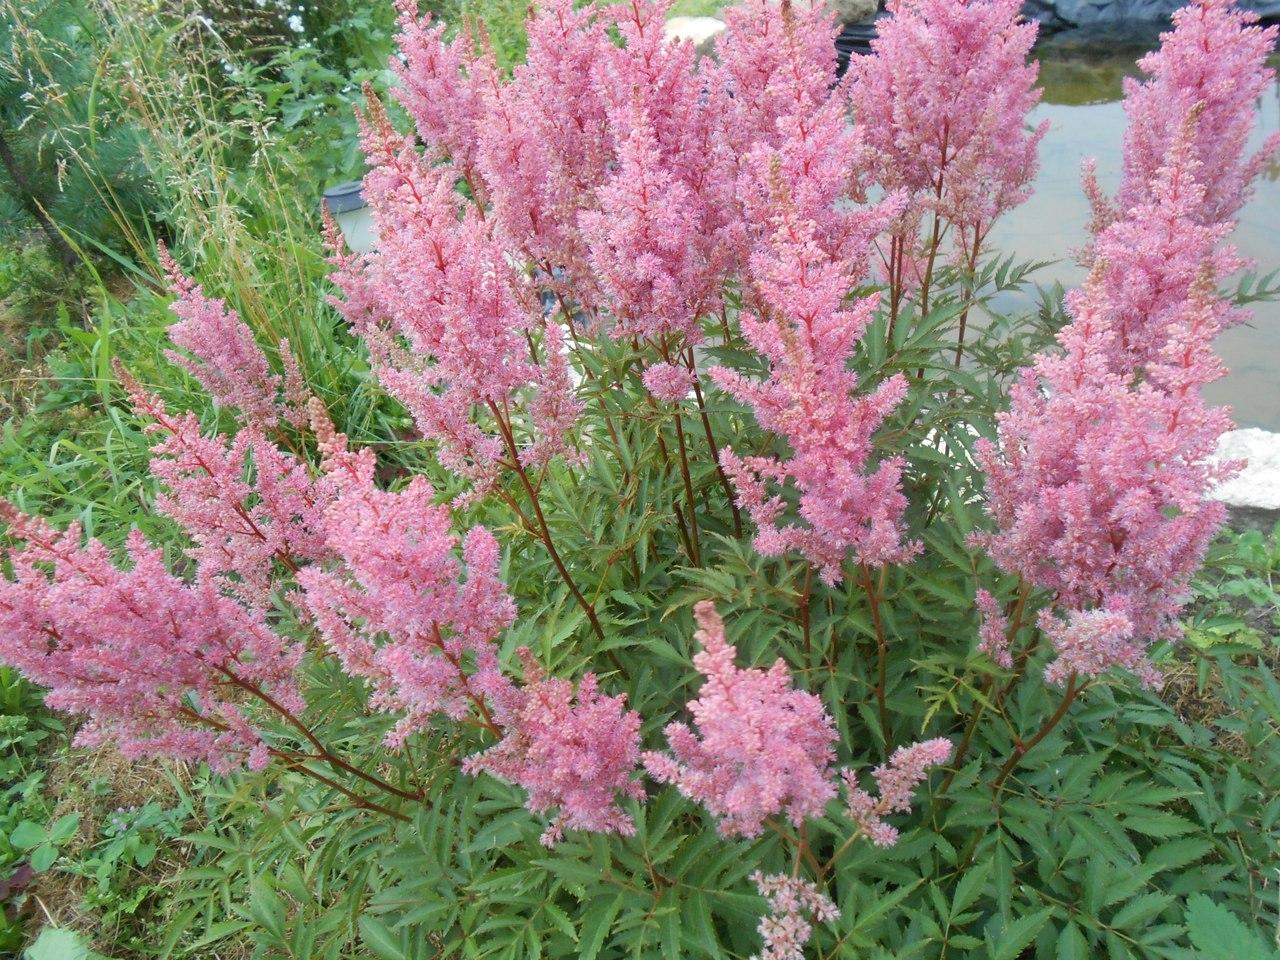 Астильба: описание, размножение, уход, посадка, применение в саду, фото, сорта и виды